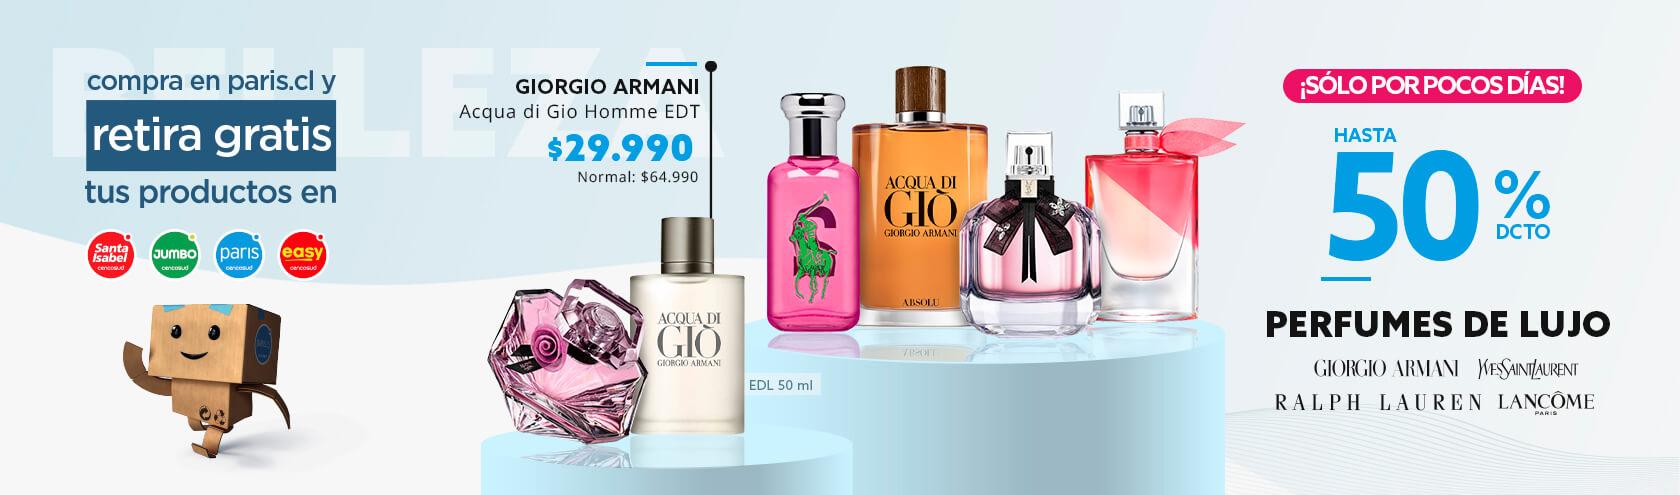 ¡Solo por Pocos Días! Hasta 50% Perfumes de Lujo